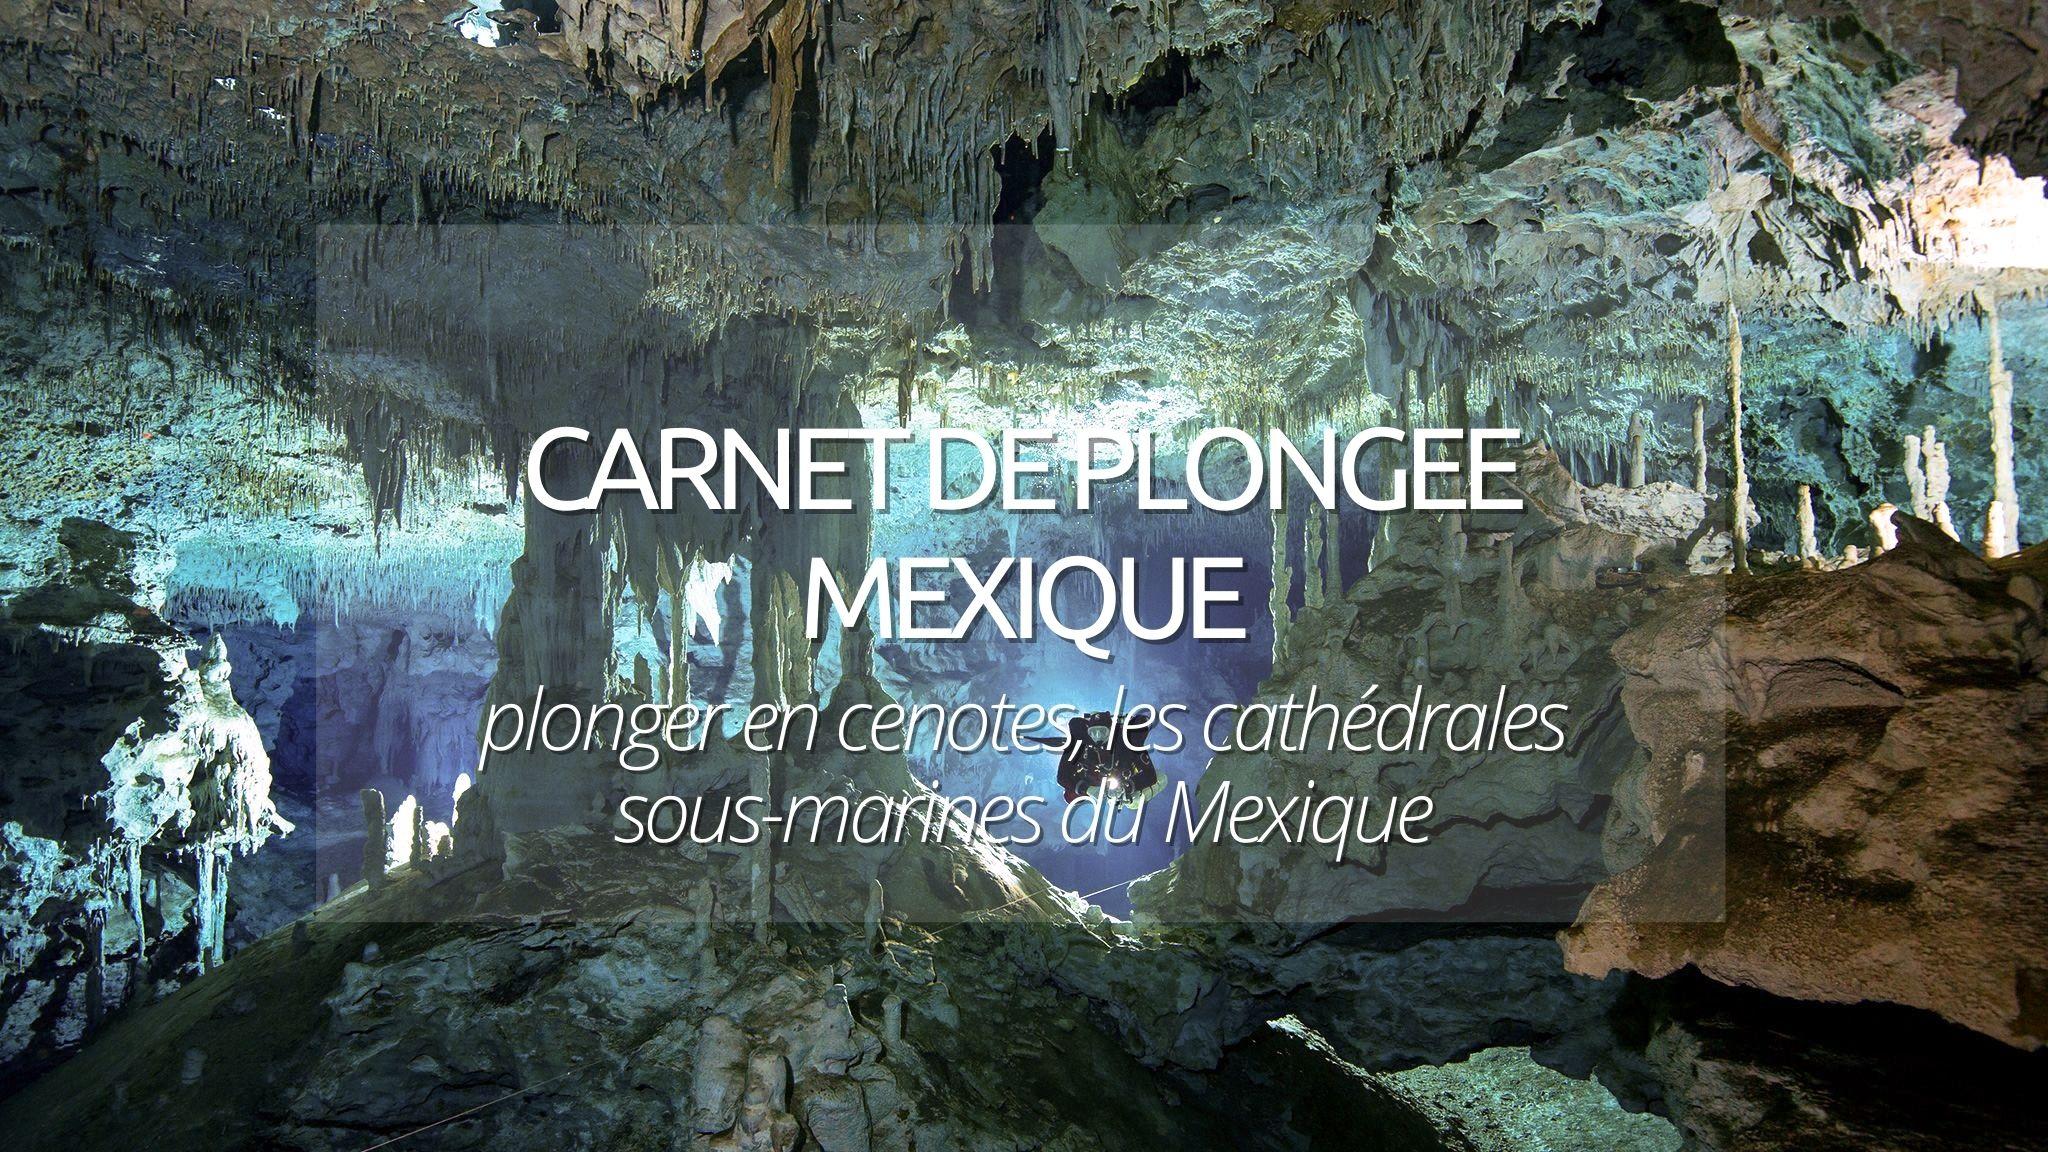 Carnet de plongée : plonger en cenote au Mexique